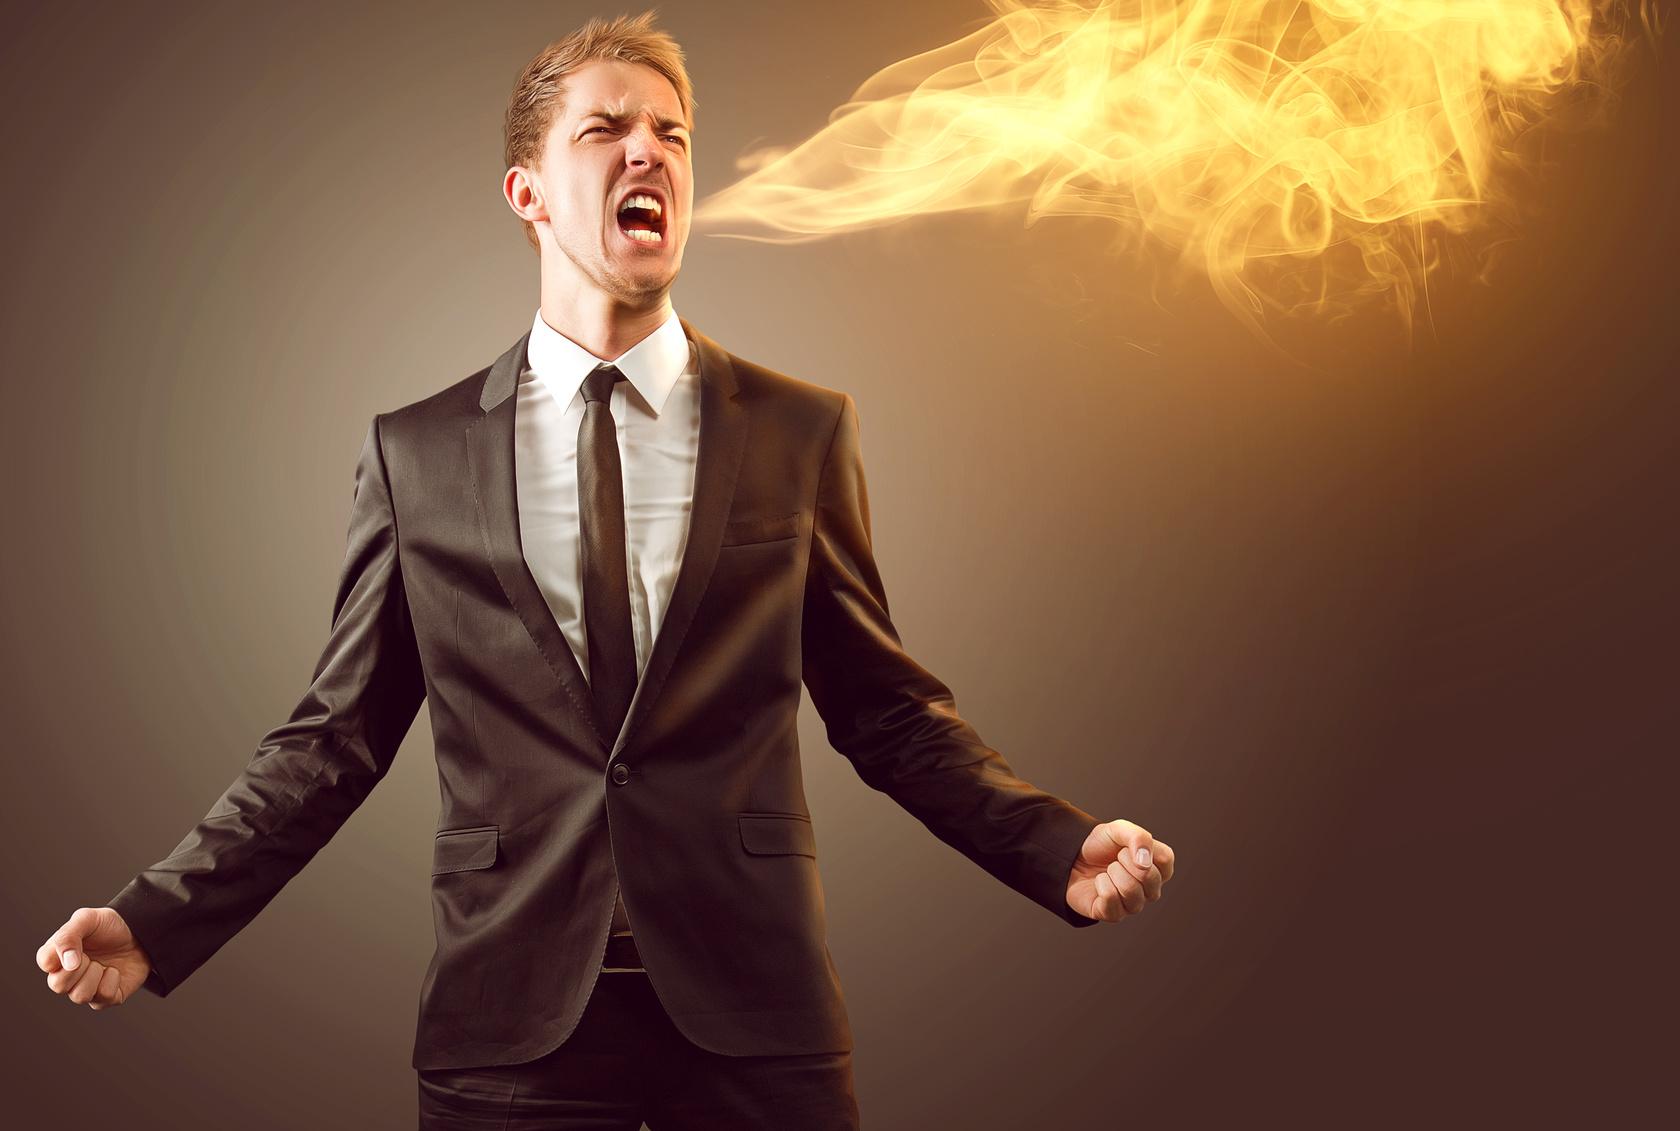 Sodbrennen, Reflux, eine psychosomatische Erkrankung? Chronischer Stress bringt den Hormonhaushalt durcheinander. Ein typisches Symptom ist die vermehrte Produktion von Gastrin und damit eine Stimulierung der Salzsäureproduktion.